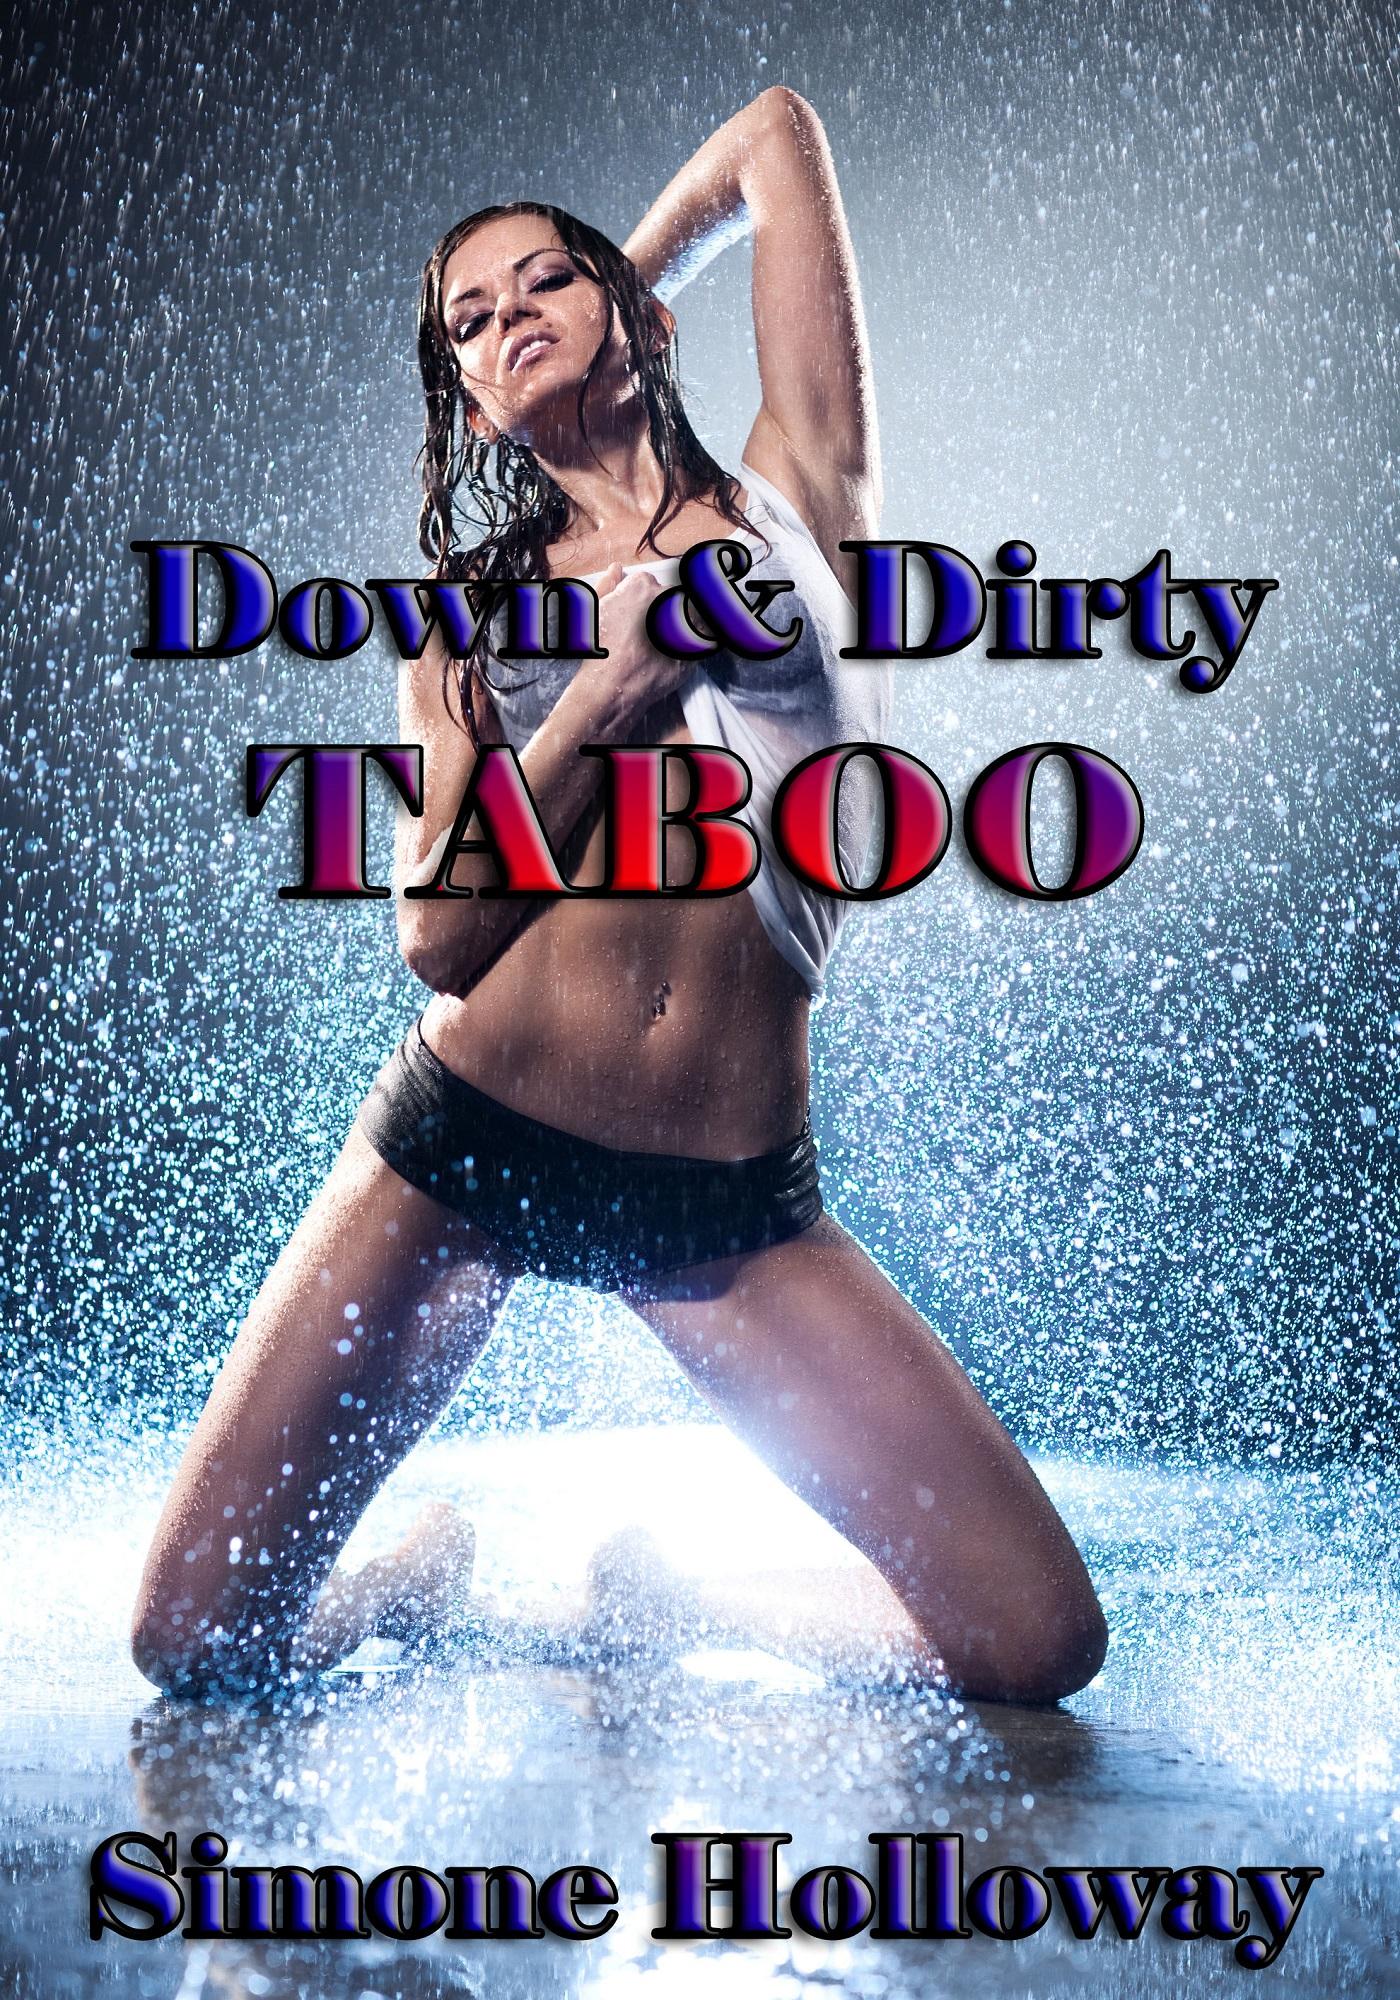 Down & dirty taboo 3 (forbidden erotica)